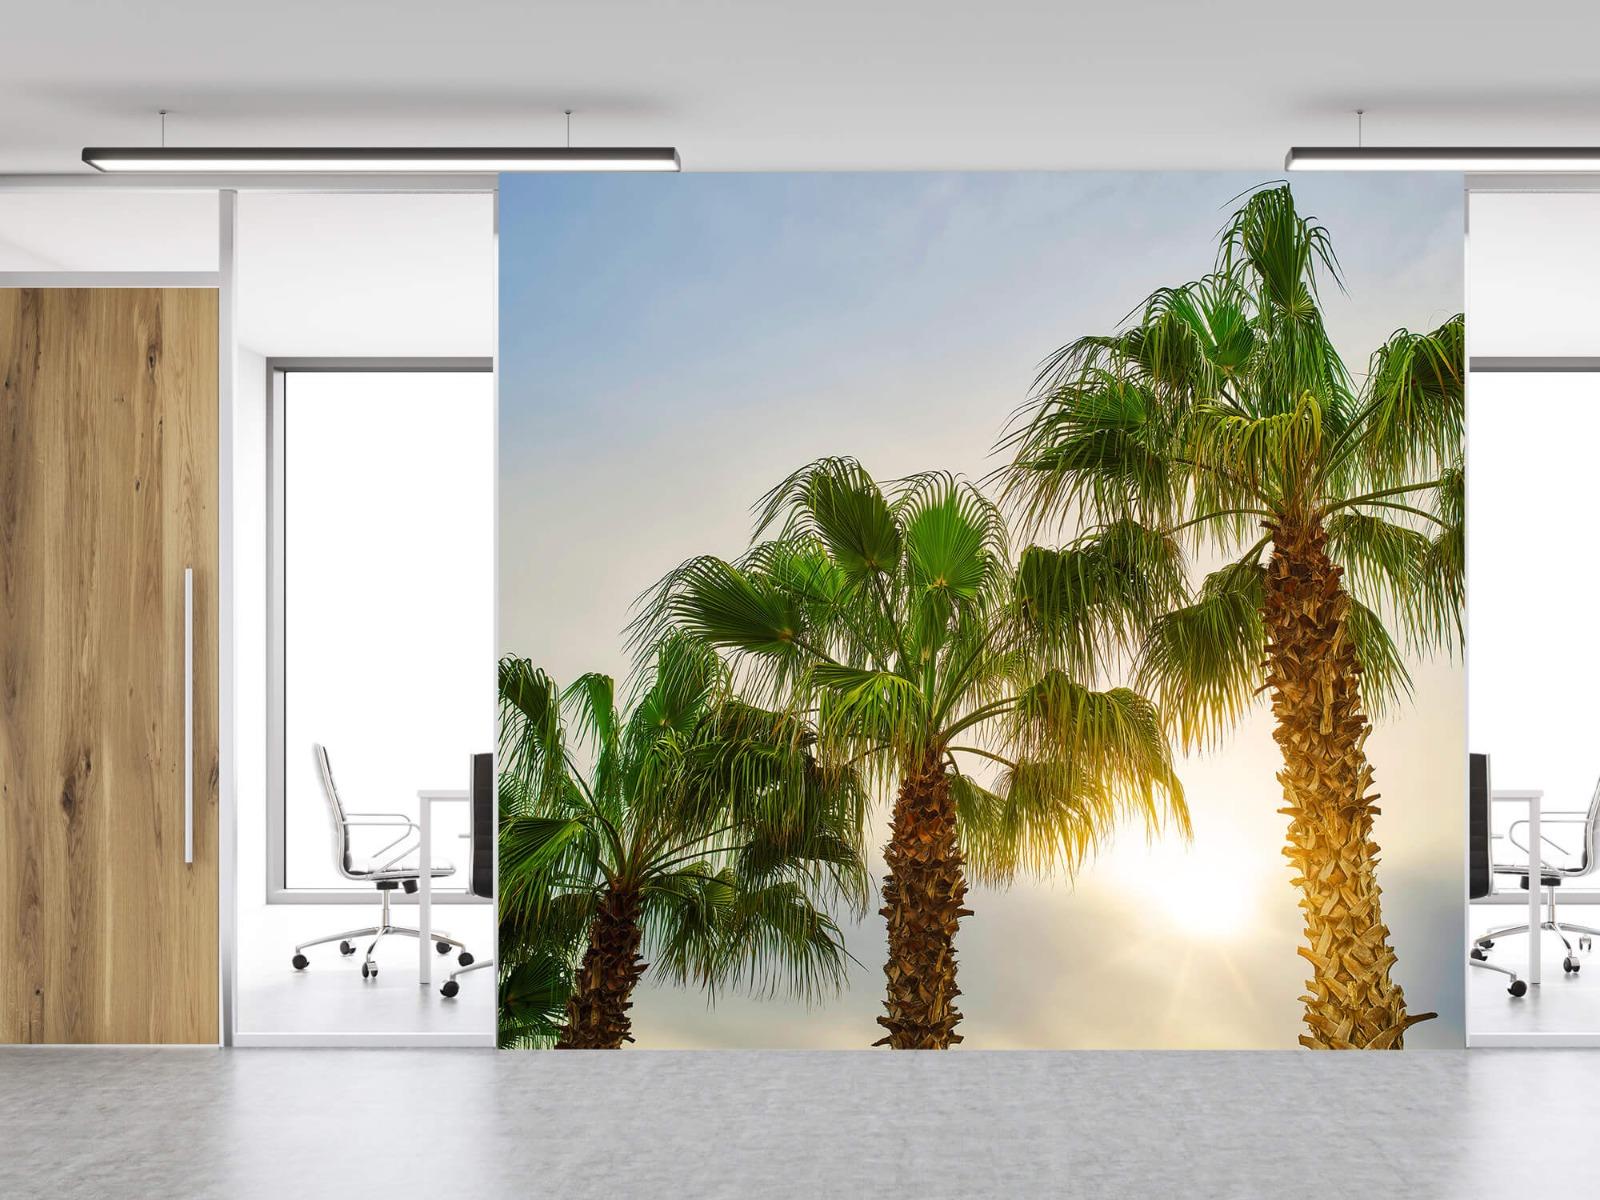 Palmbomen - Palmbomen met zon - Gang 12